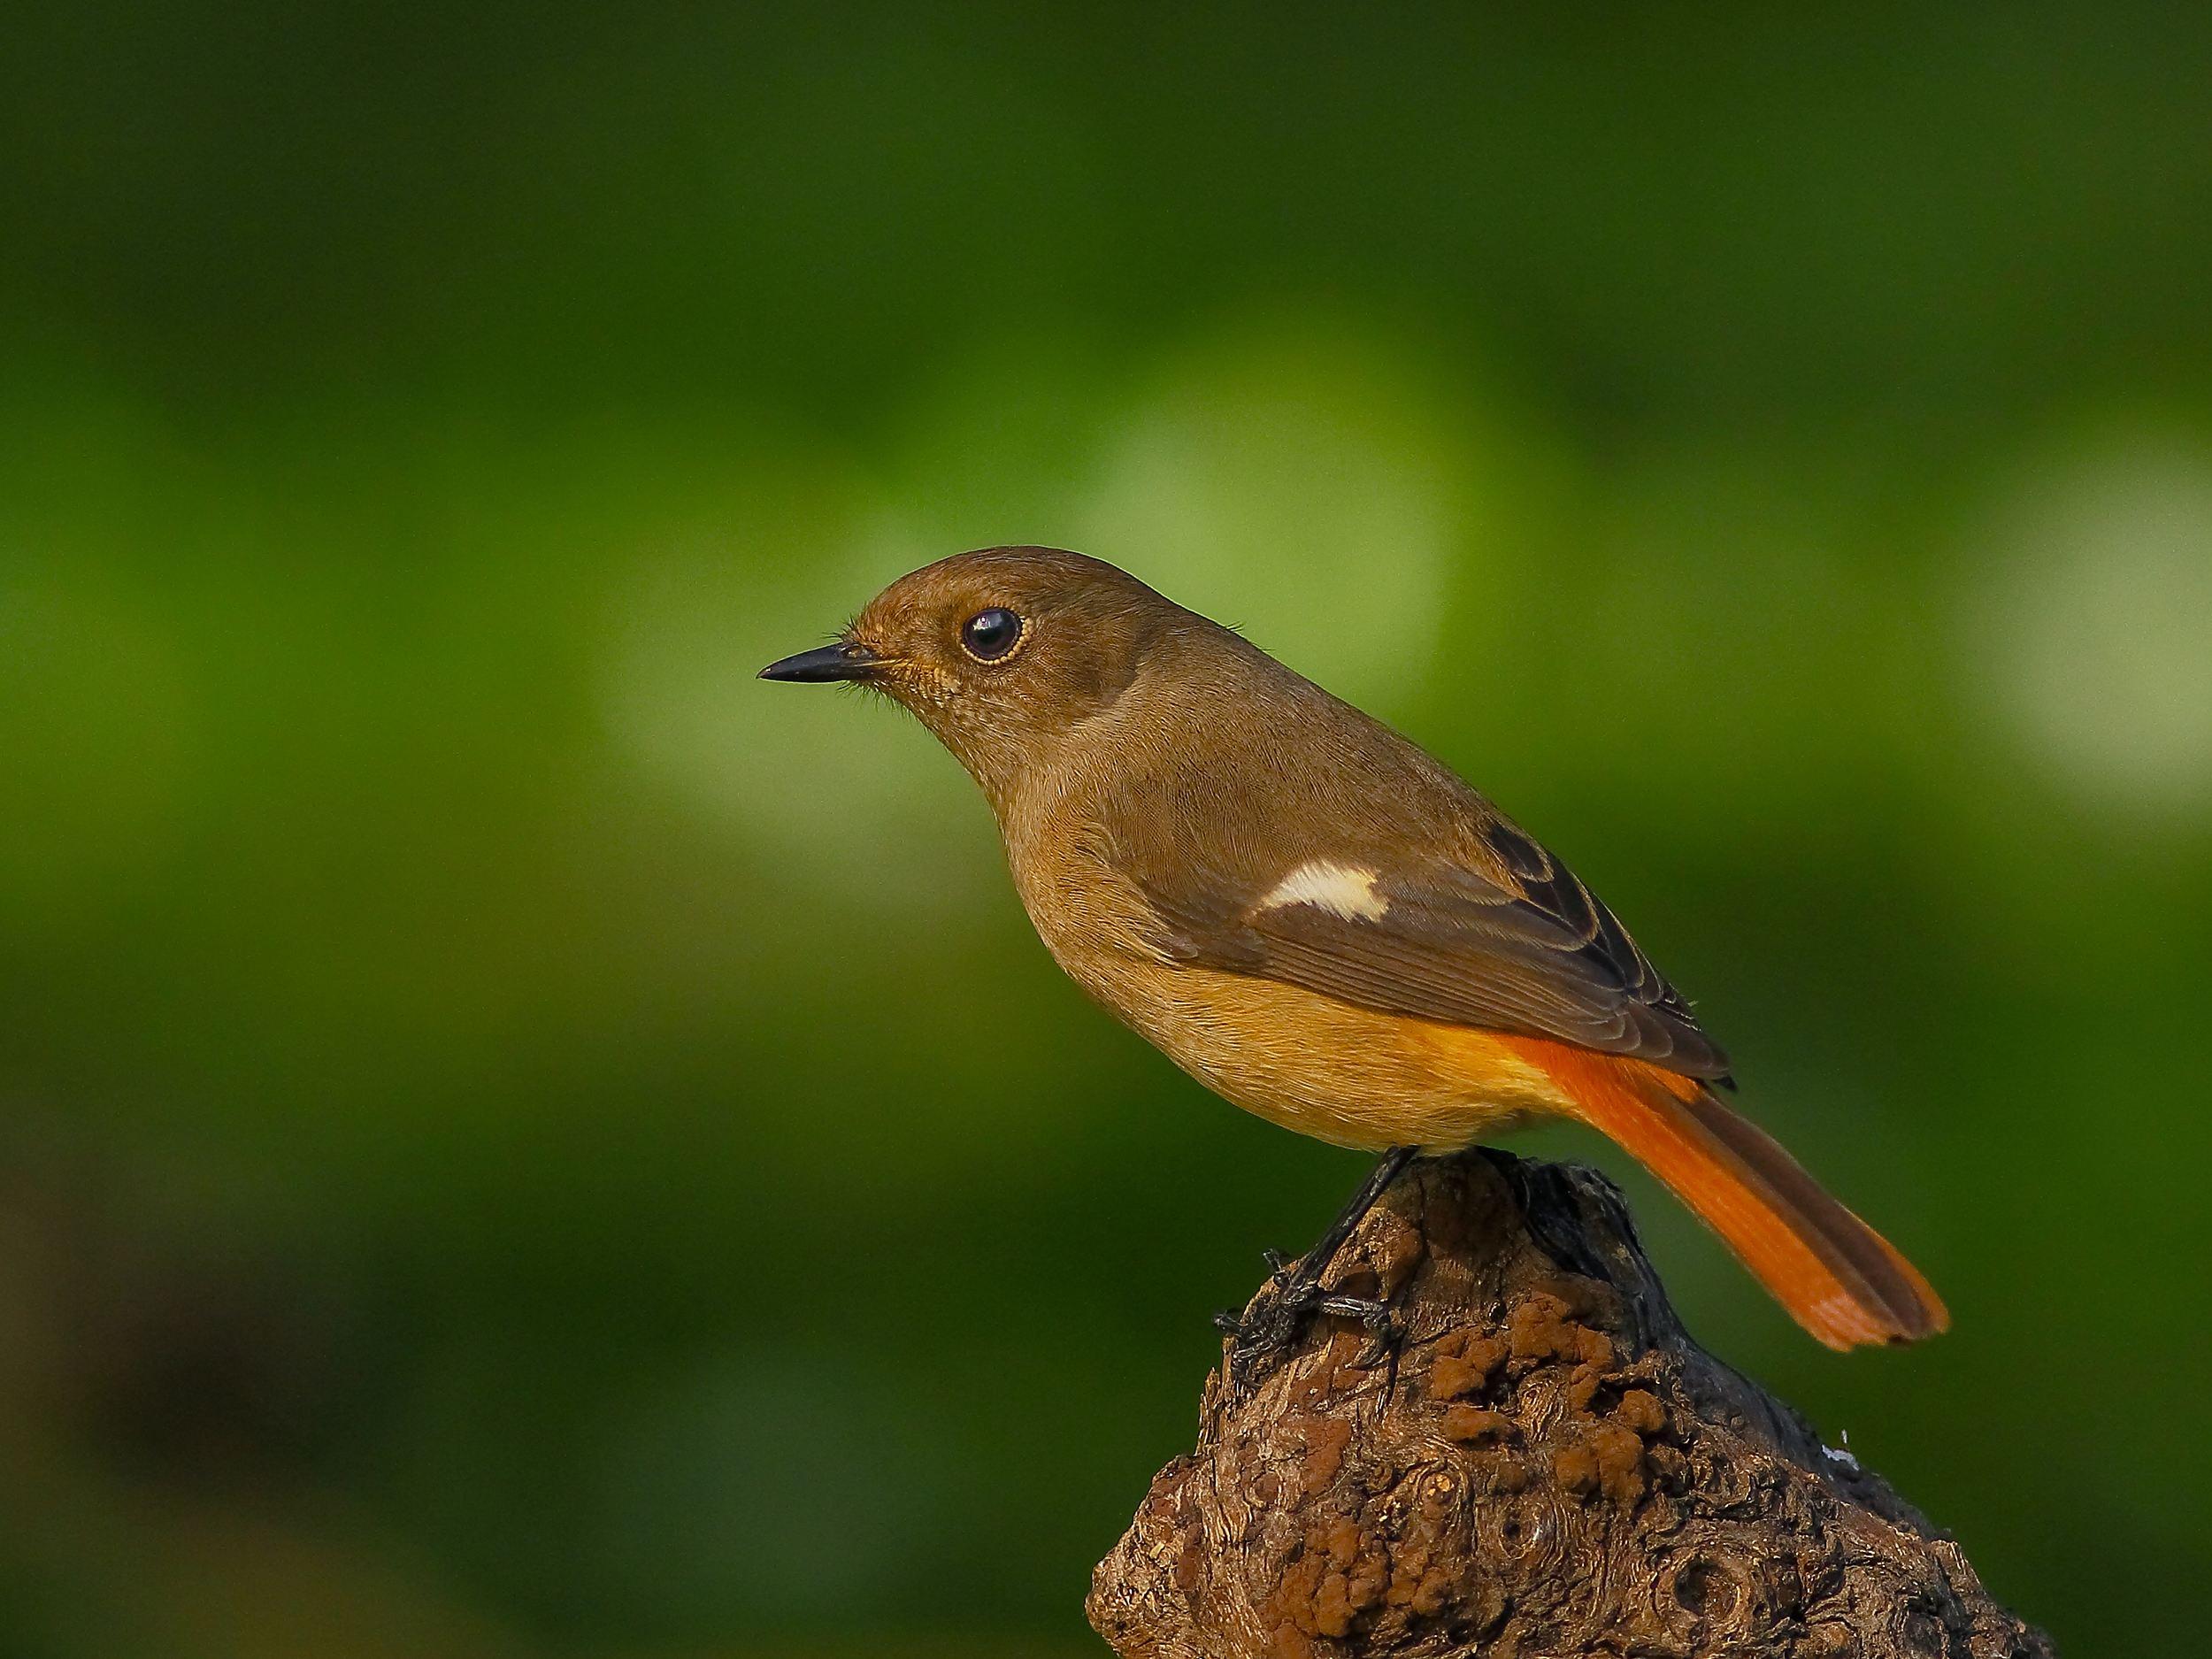 北红尾鸲属于什么鸟 北红尾鸲是什么鸟